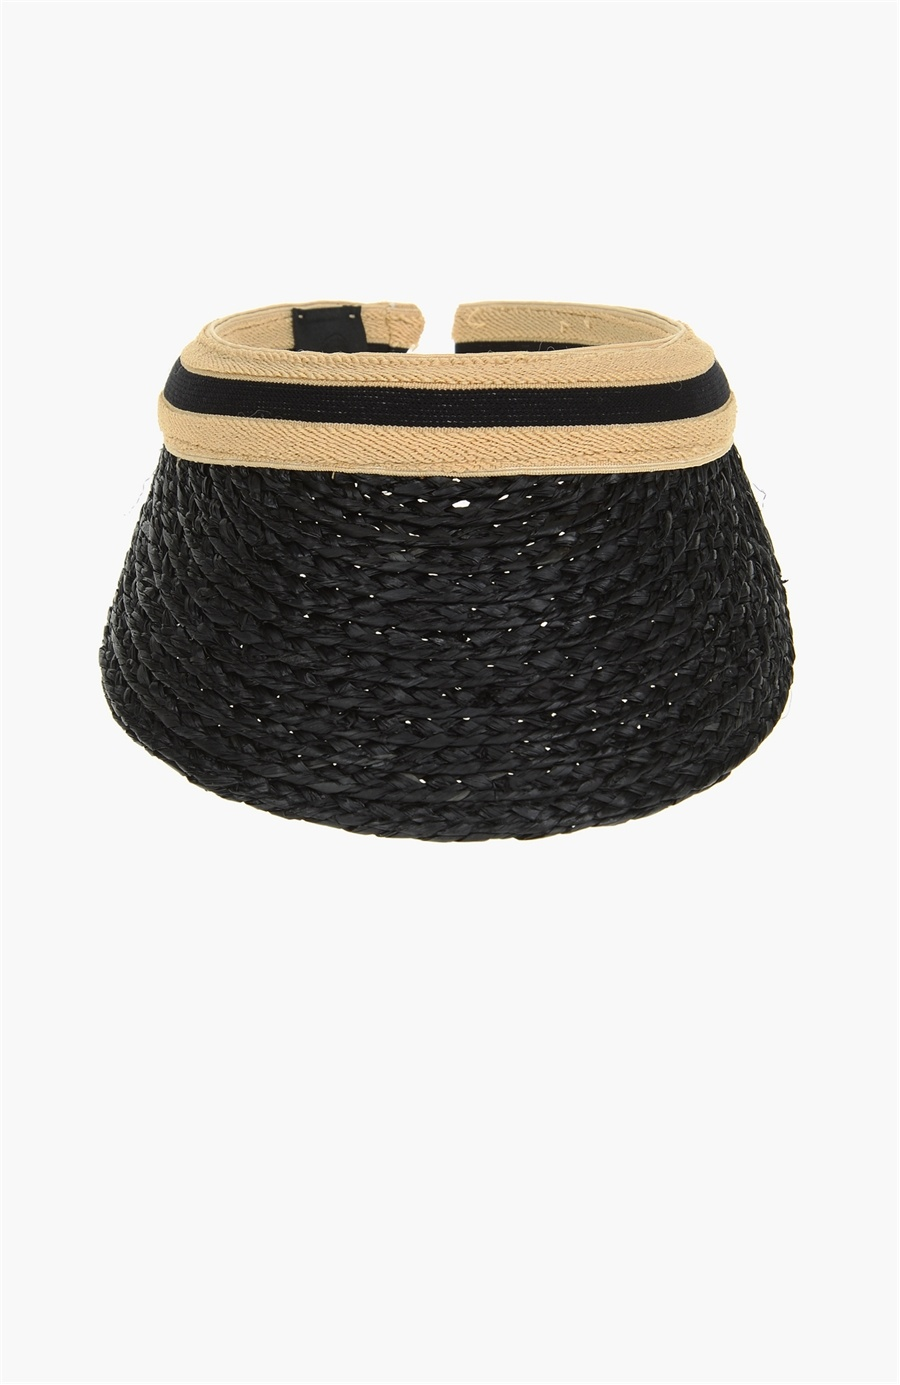 Şapka - Renk Siyah Bej - Network